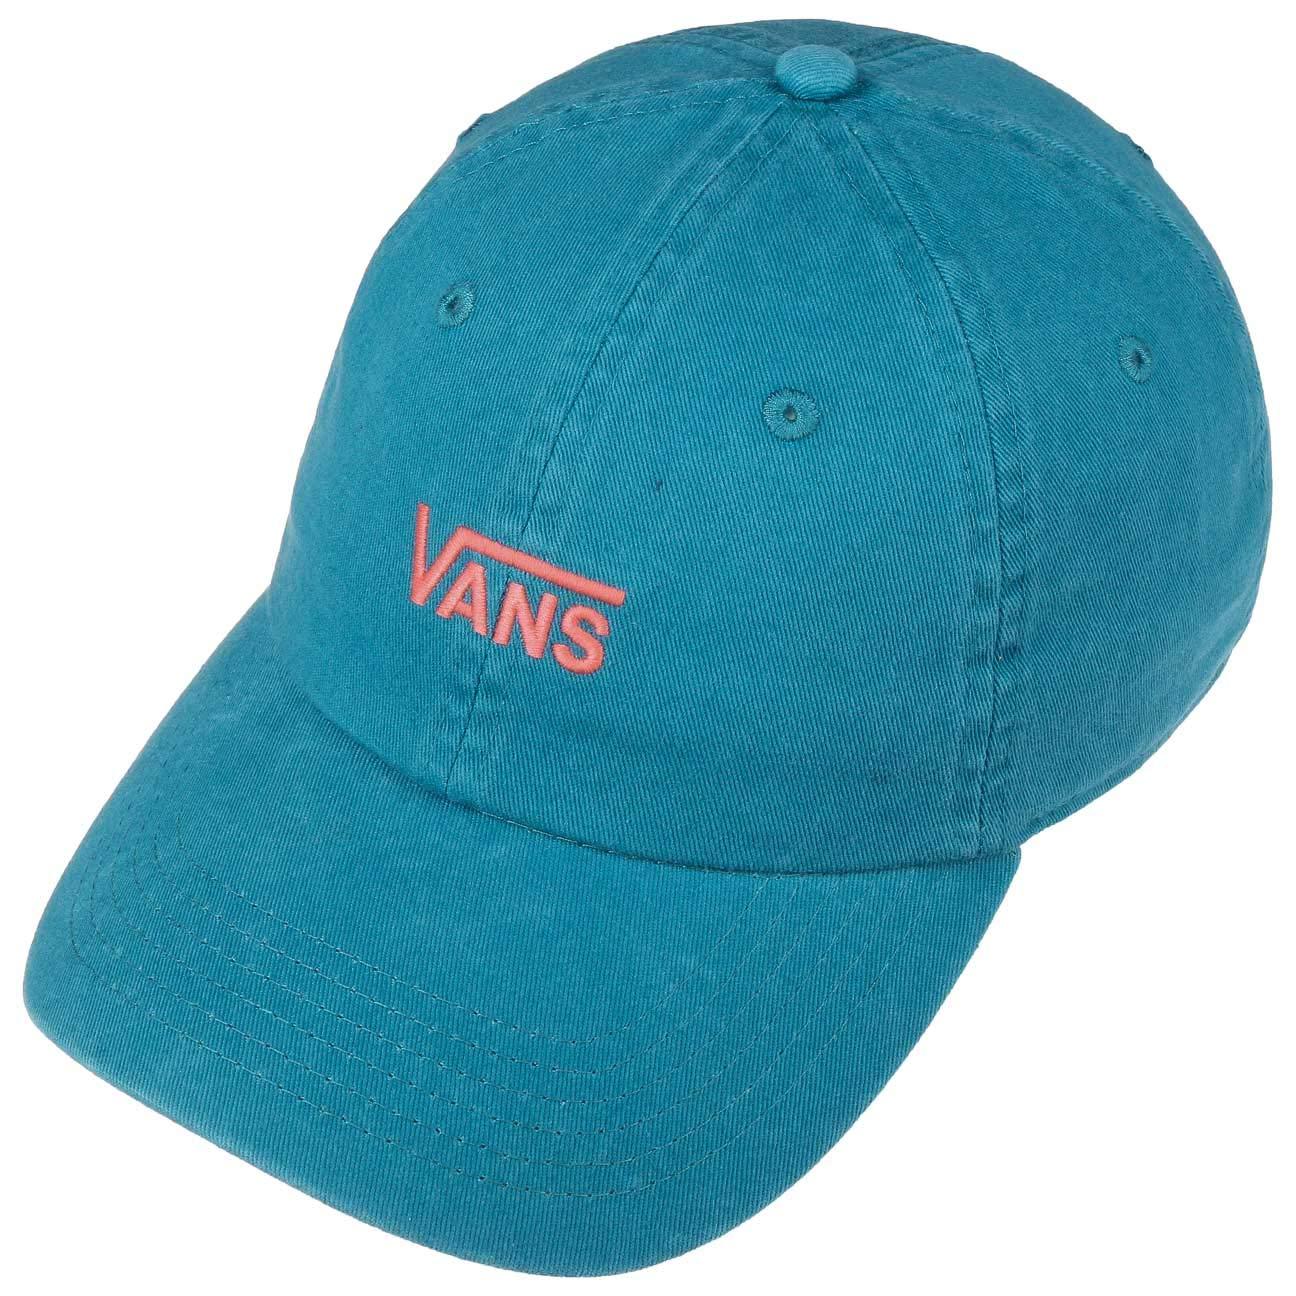 ab12a89567e Amazon.com  Vans Women s Court Side HAT Blue Sapphire  Clothing